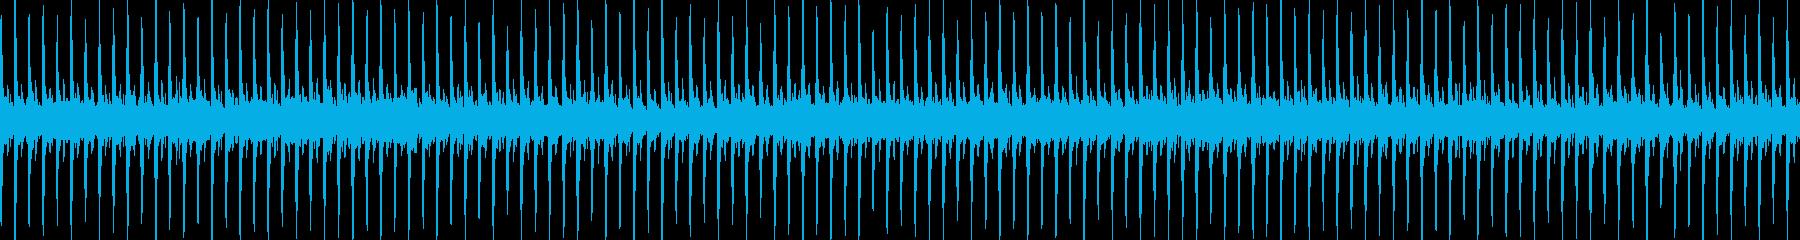 ピアノが印象的な軽快でさわやかな音楽の再生済みの波形